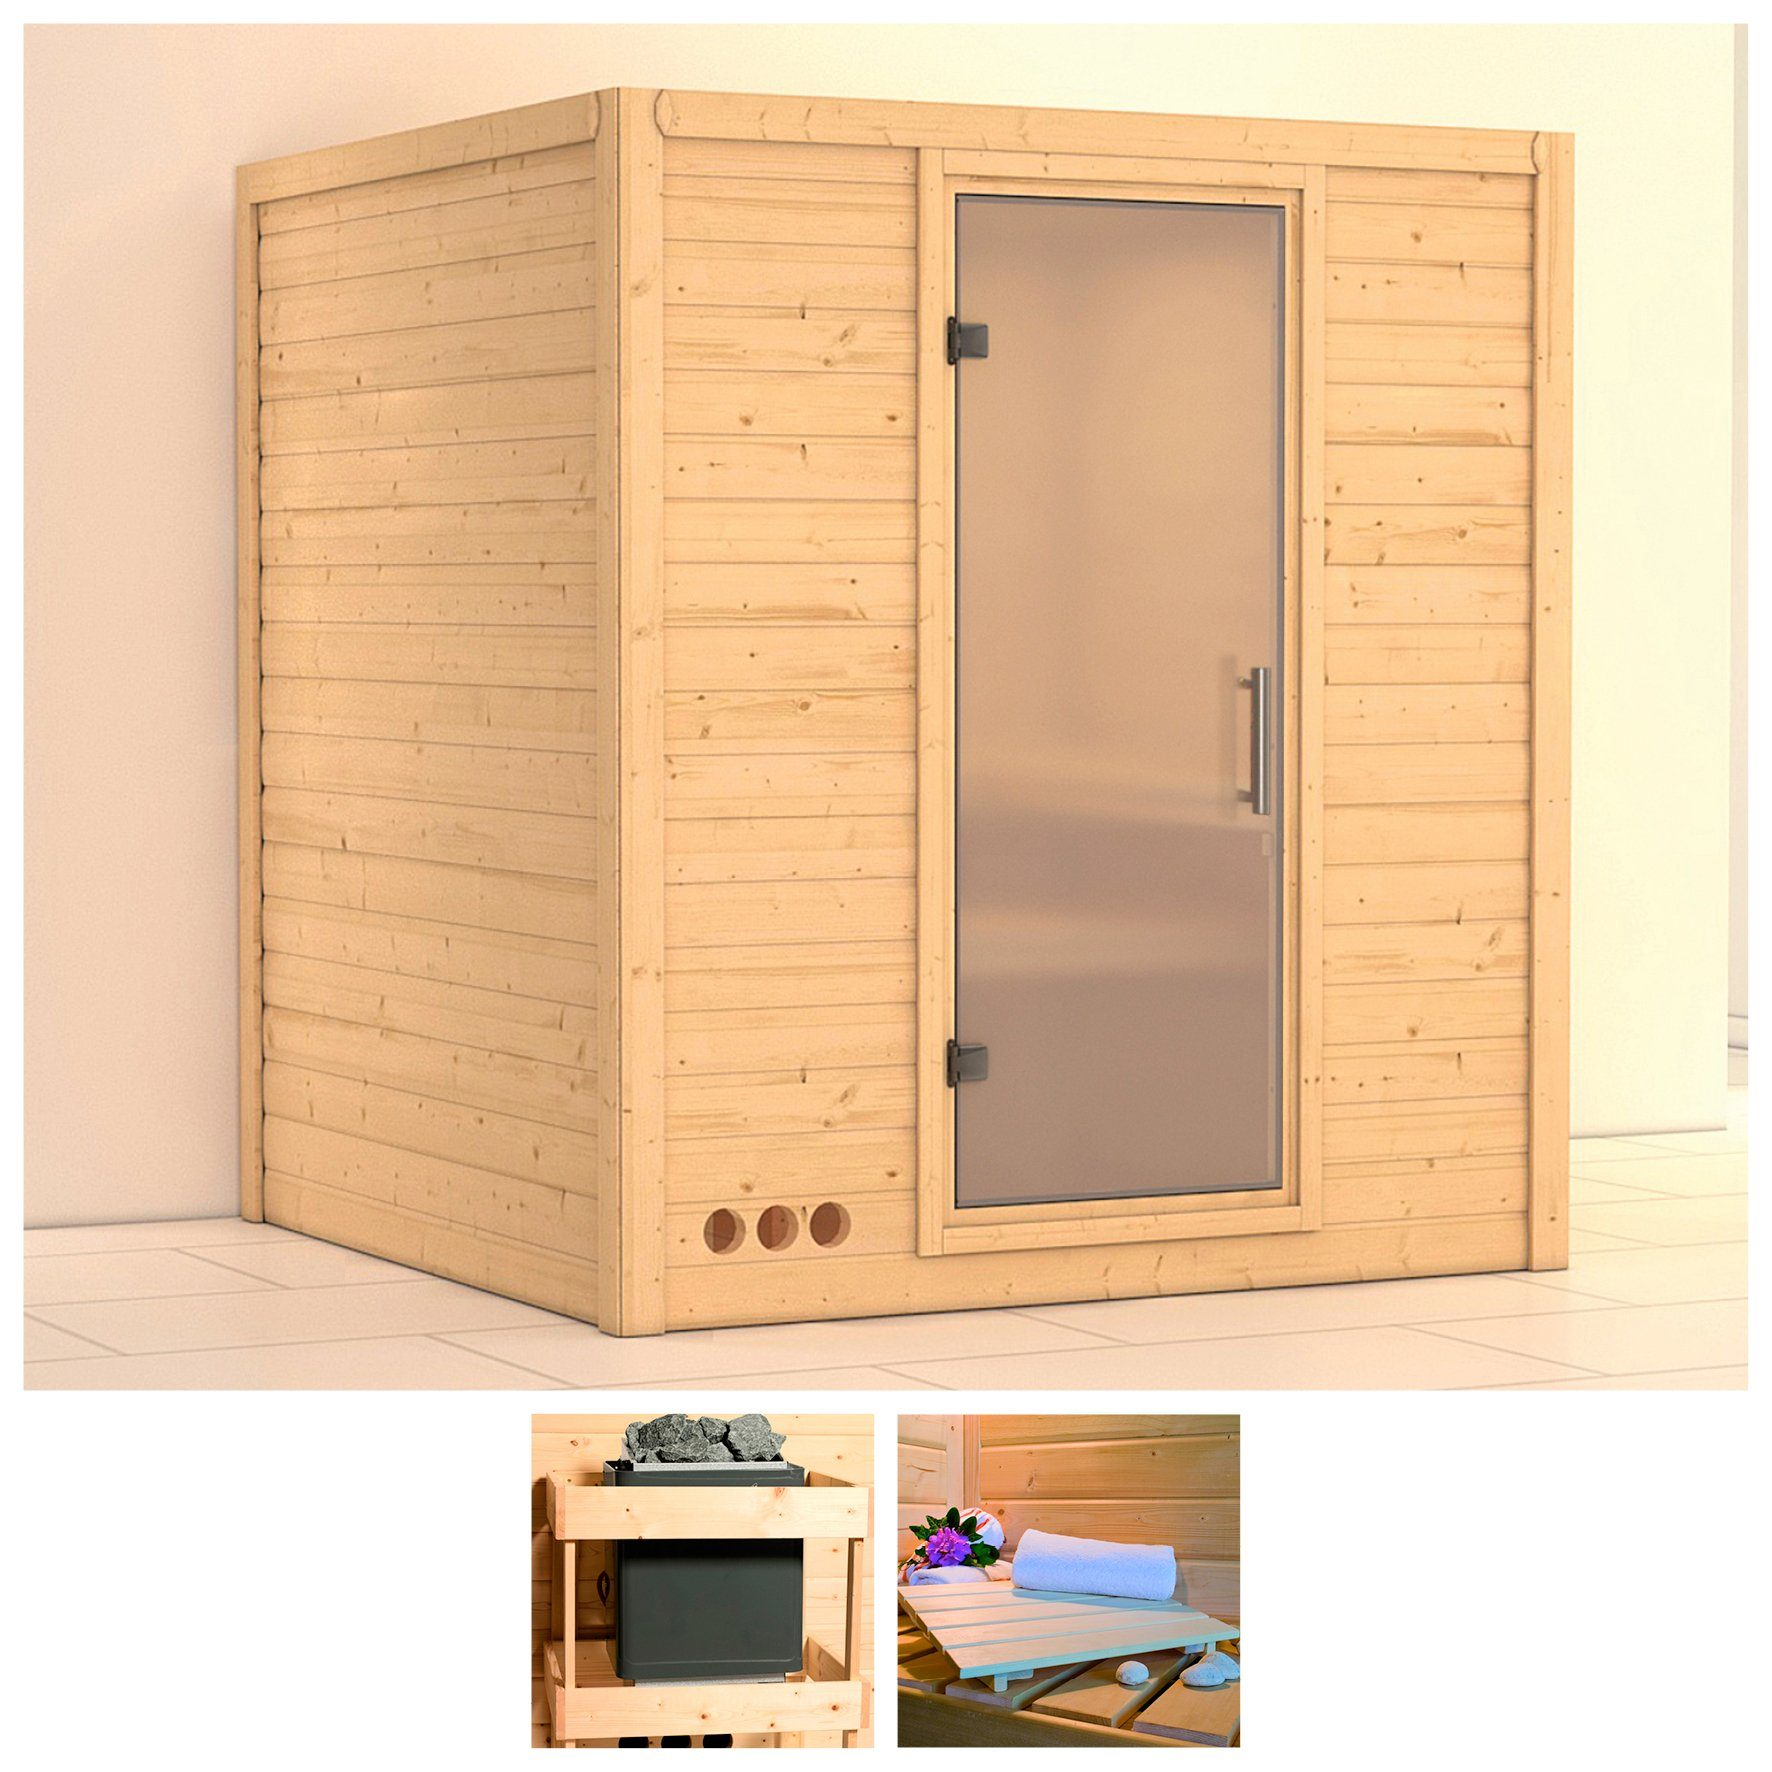 KONIFERA Sauna »Mojave«, 193/184/209 cm, ohne Ofen, Glastür satiniert